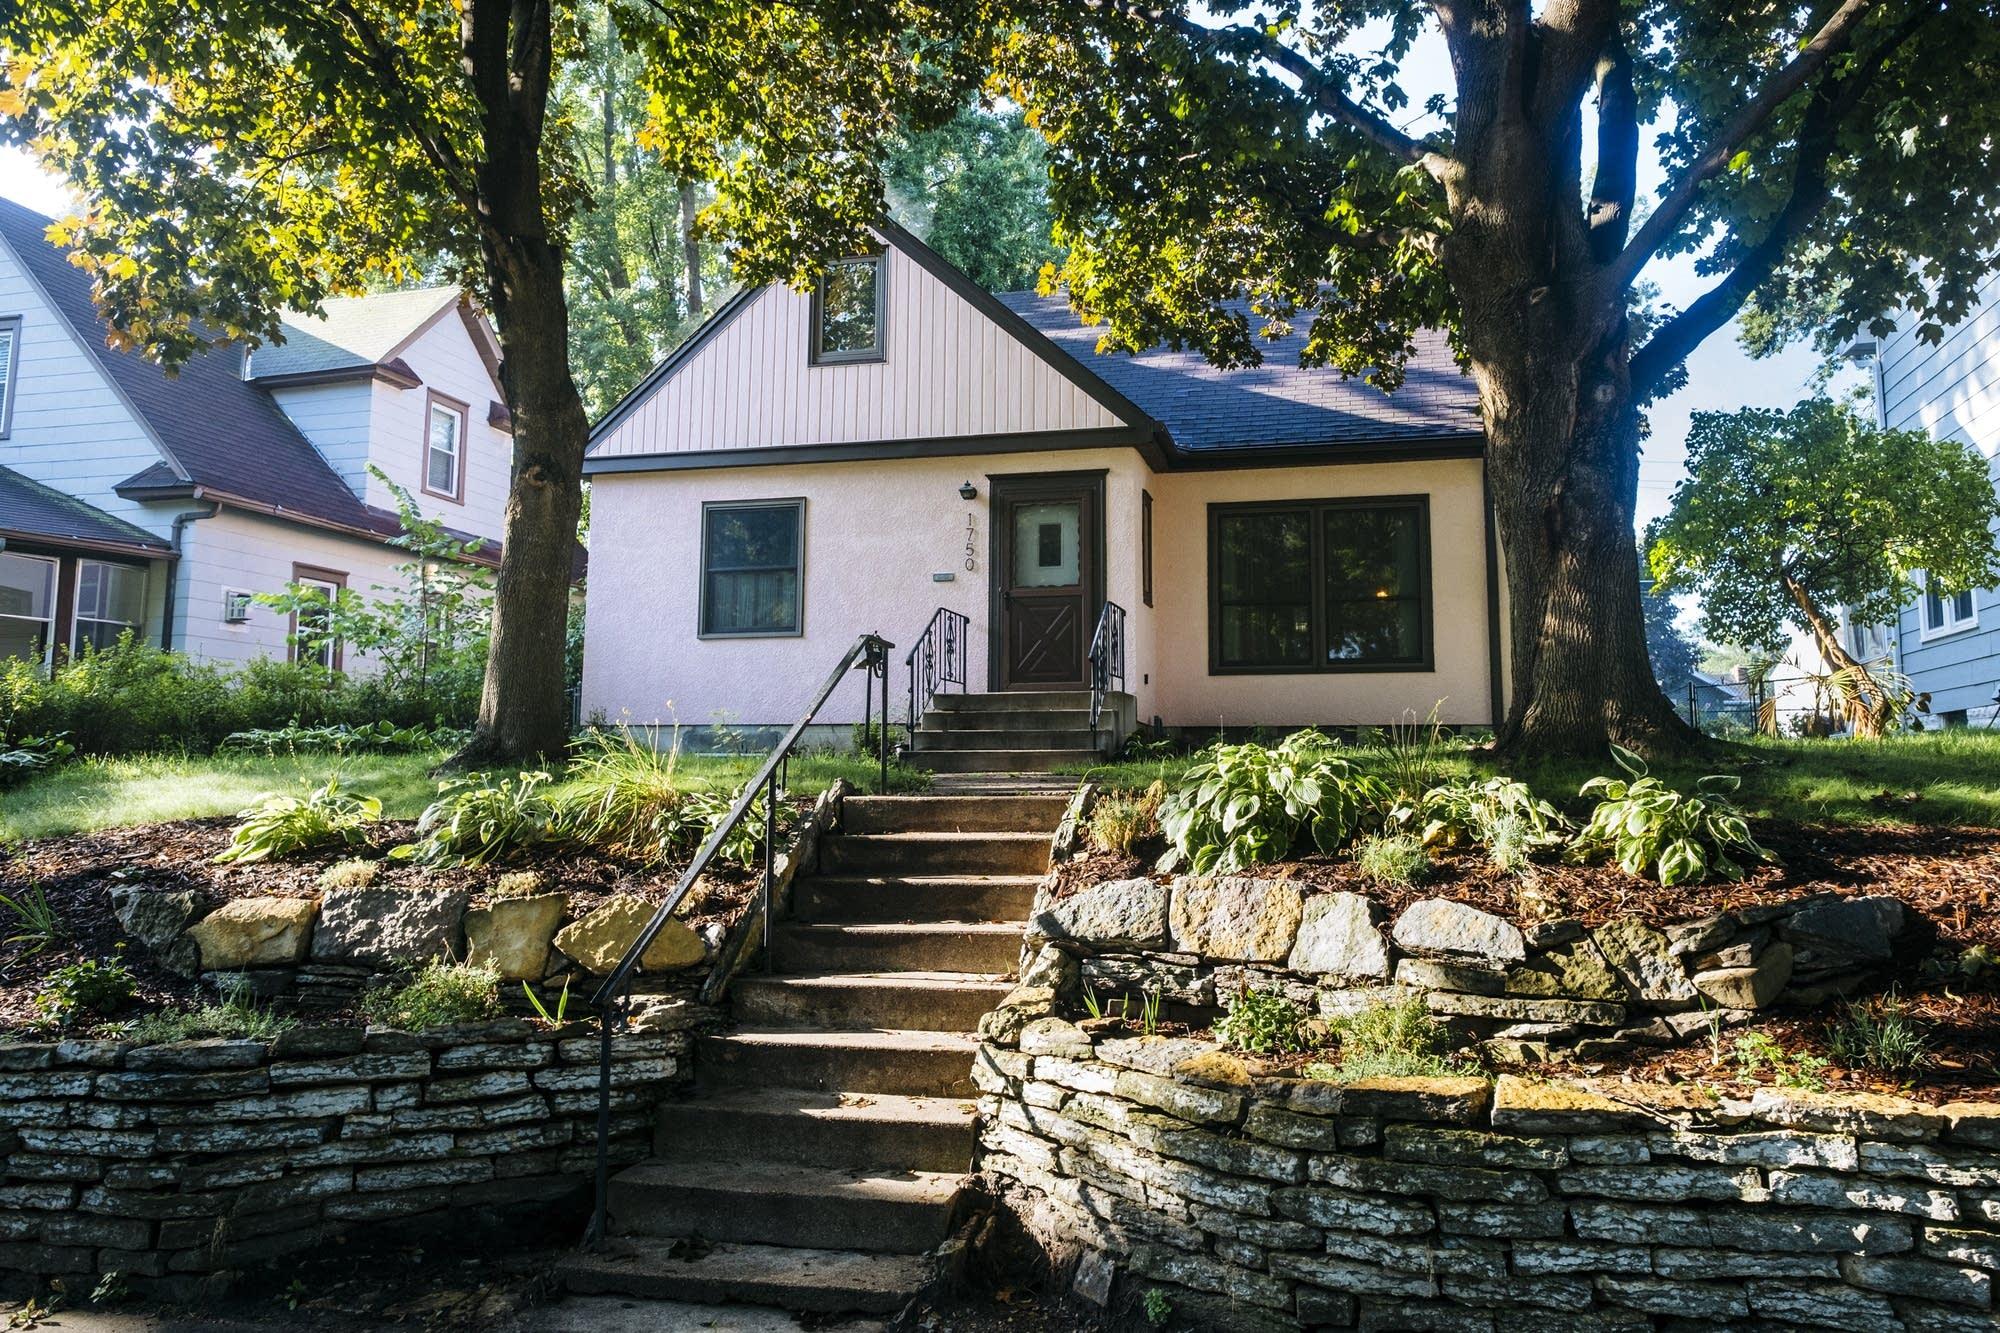 Elijah Neumann's St. Paul home.